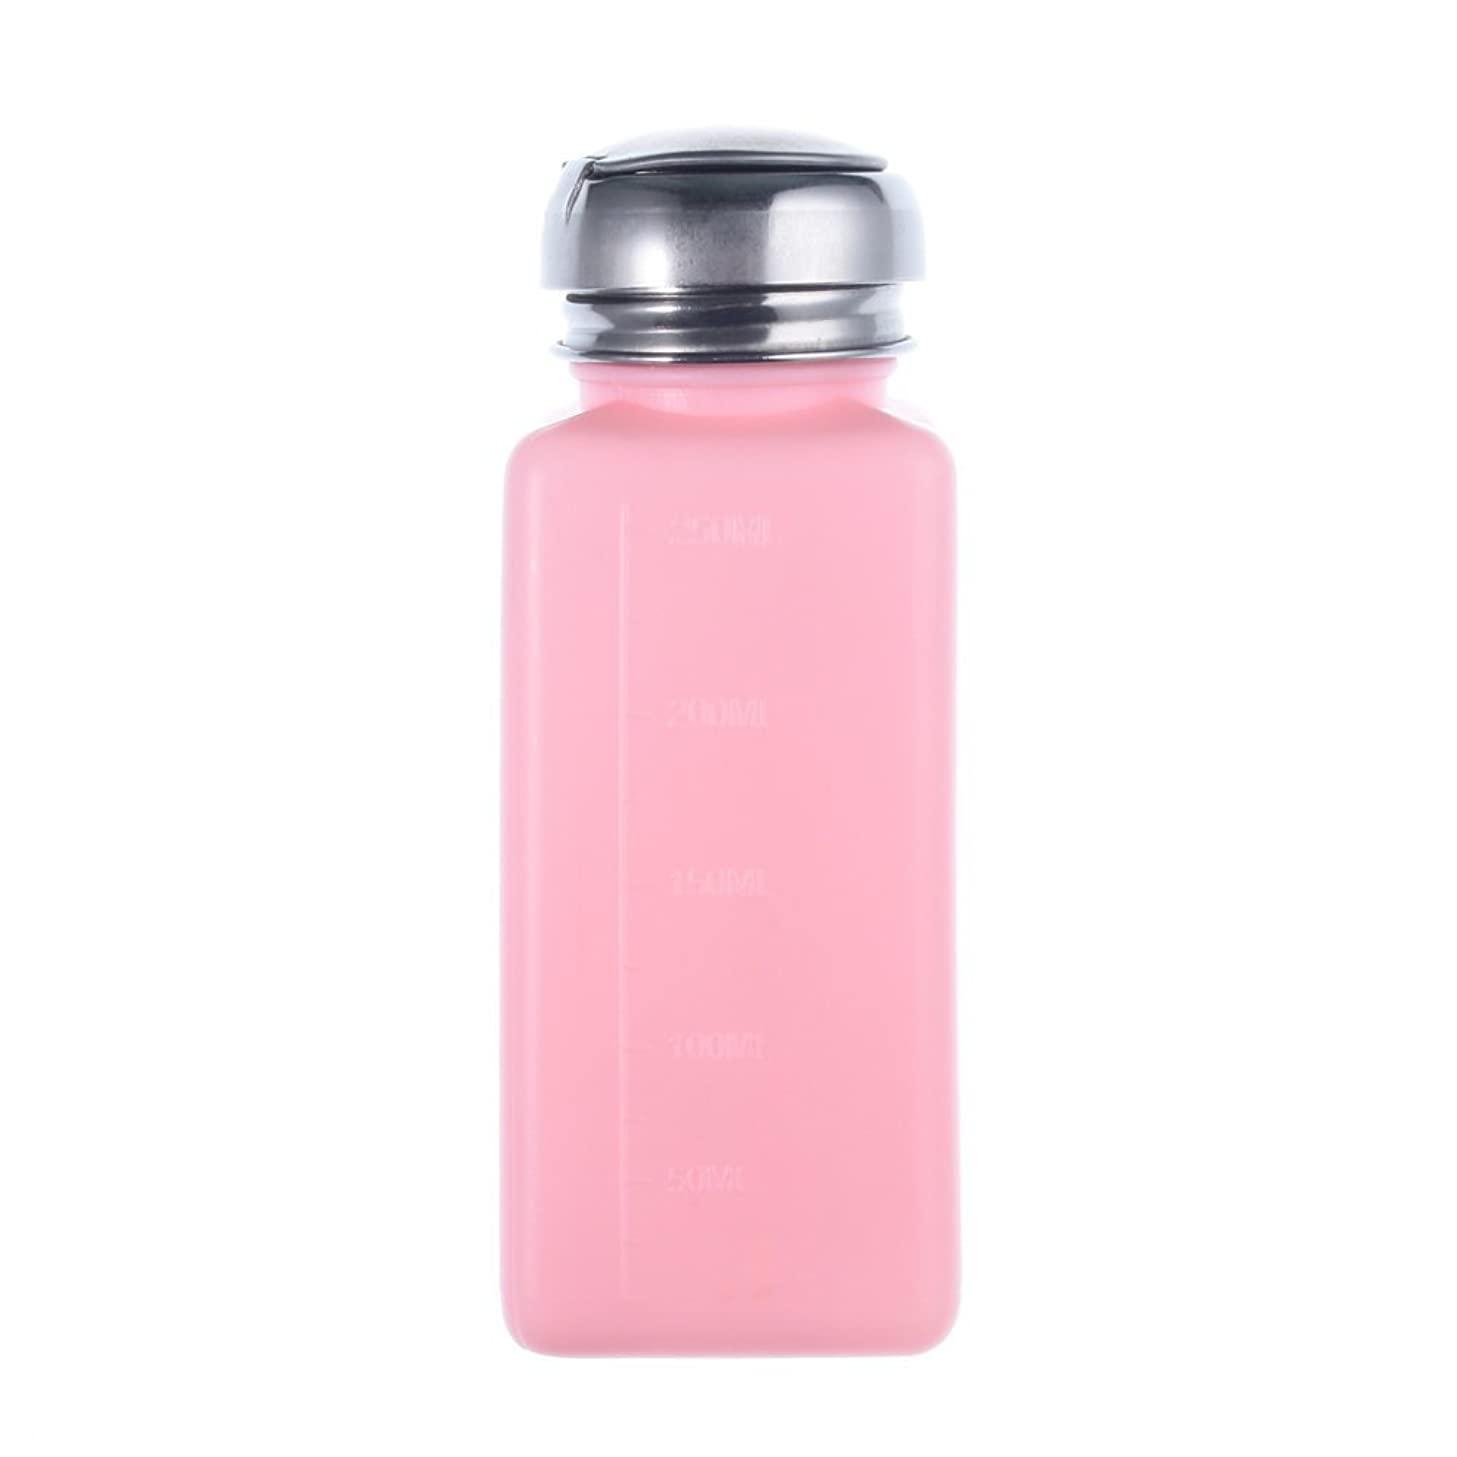 無礼に真珠のような美的Cikuso エンプティーポンプディスペンサー ネイルアート研磨リムーバー 200MLボトル用 (ピンク)